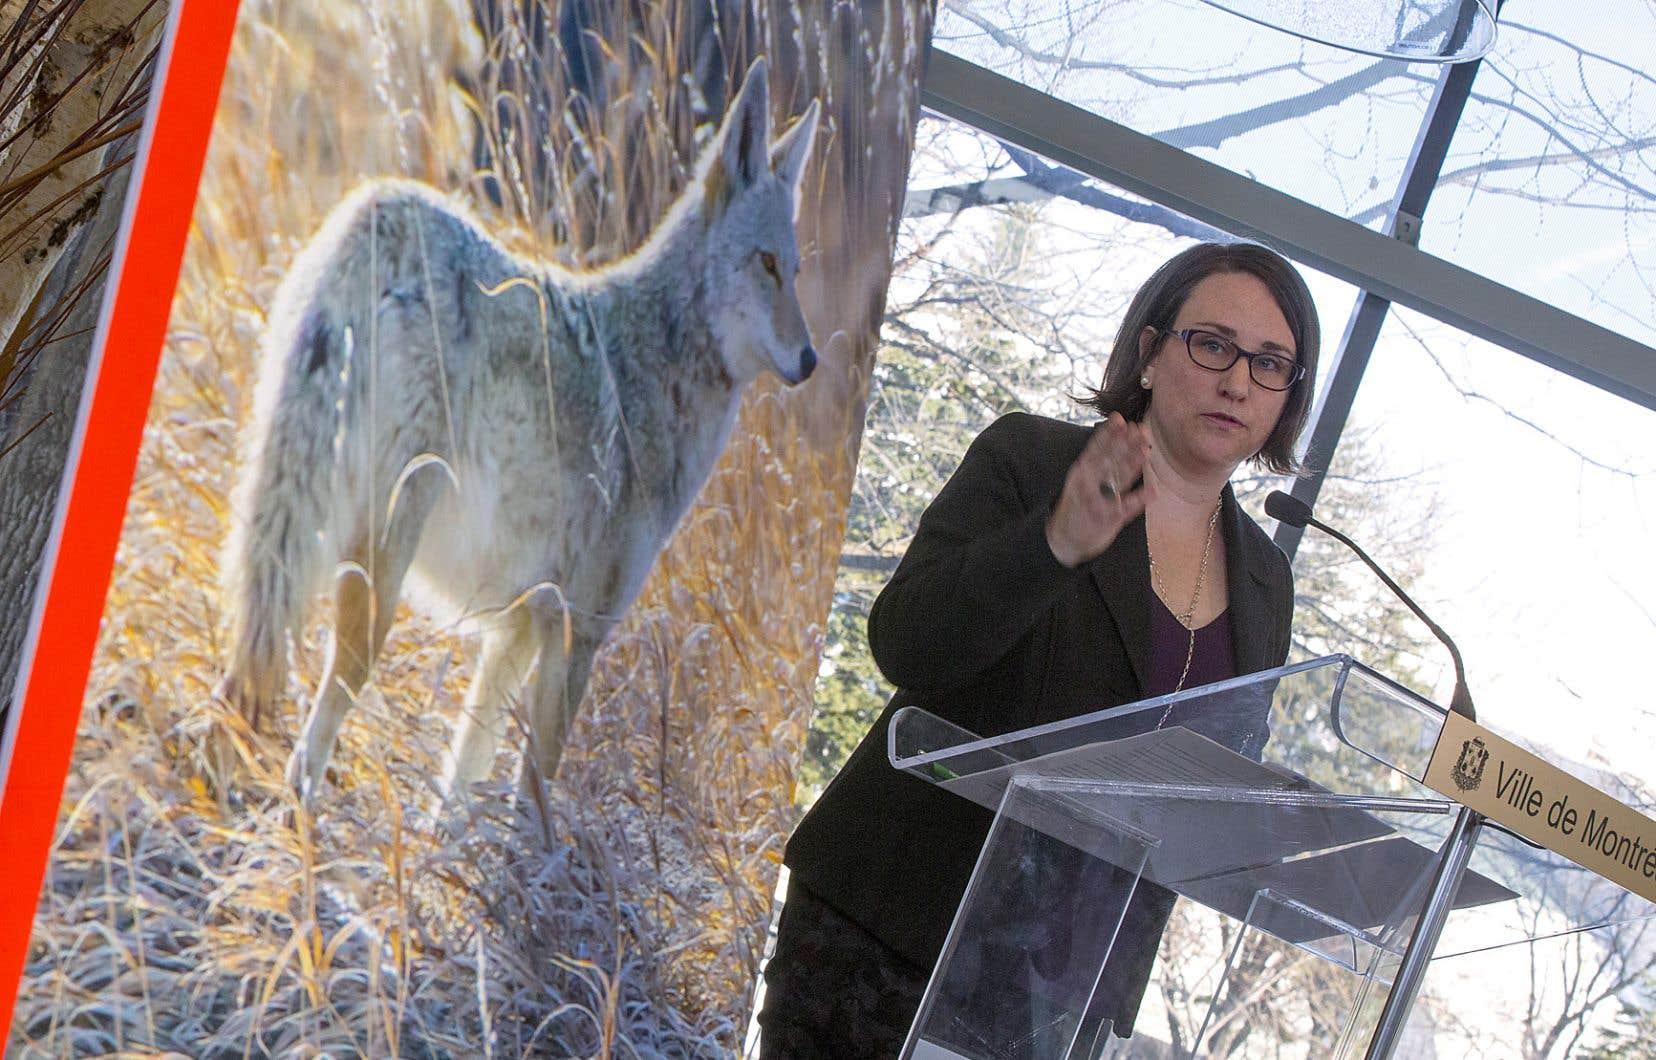 Émilie Thuillier, la mairesse d'Ahuntsic-Cartierville, a présenté lundi «le premier plan de gestion de la présence du coyote en milieu urbain à voir le jour au Québec». Quelques incidents impliquant des coyotes ont eu lieu en 2017 et en 2018 dans son arrondissement.